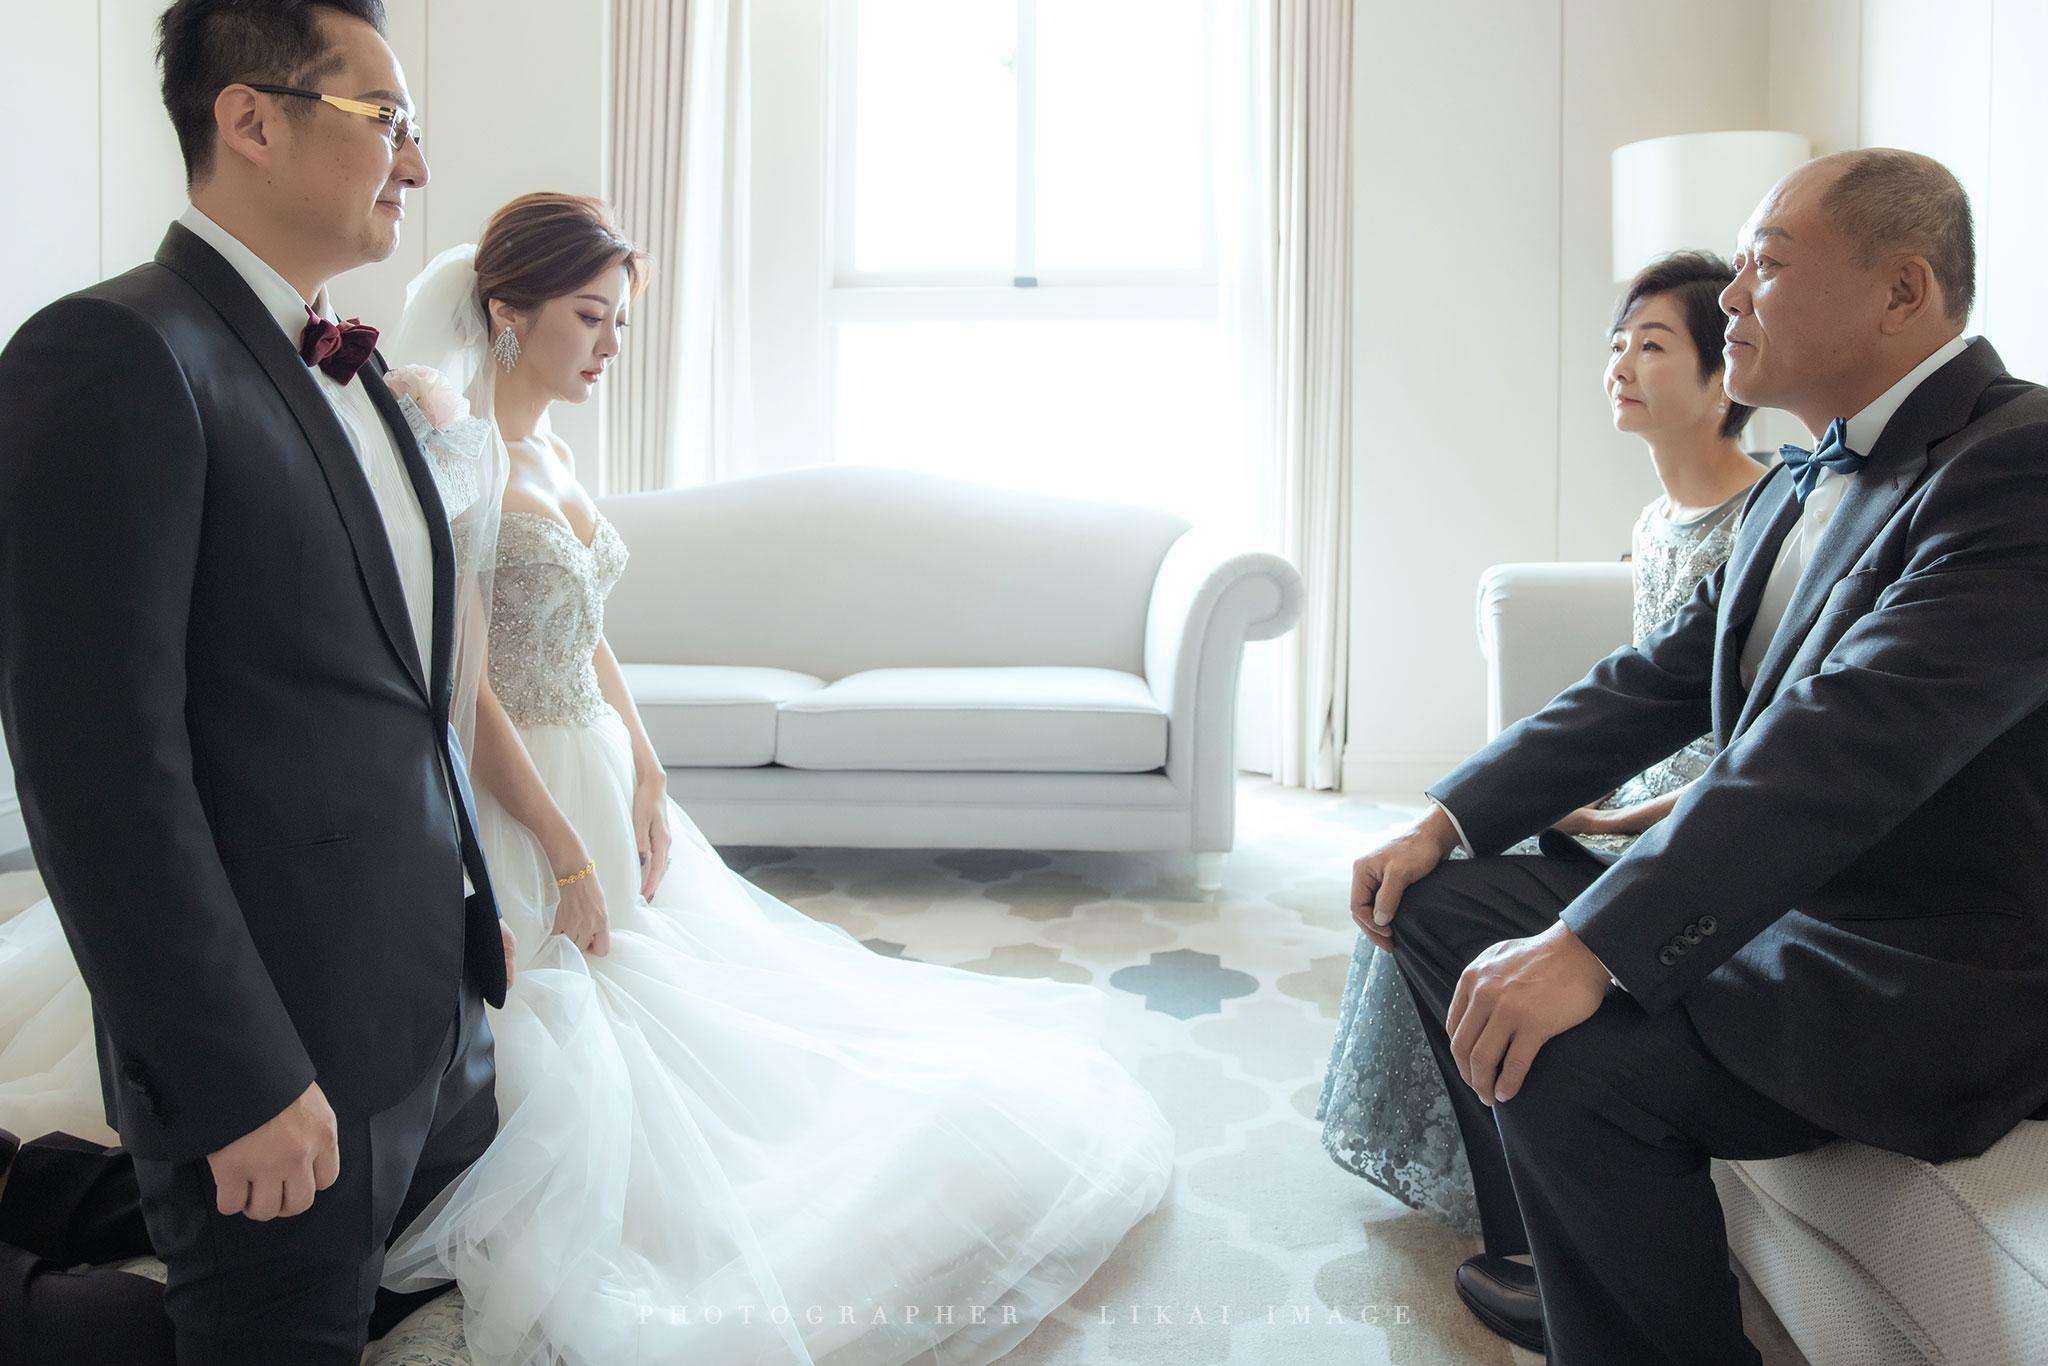 婚禮紀錄 - 欣怡 & 世門 - 萊特薇庭